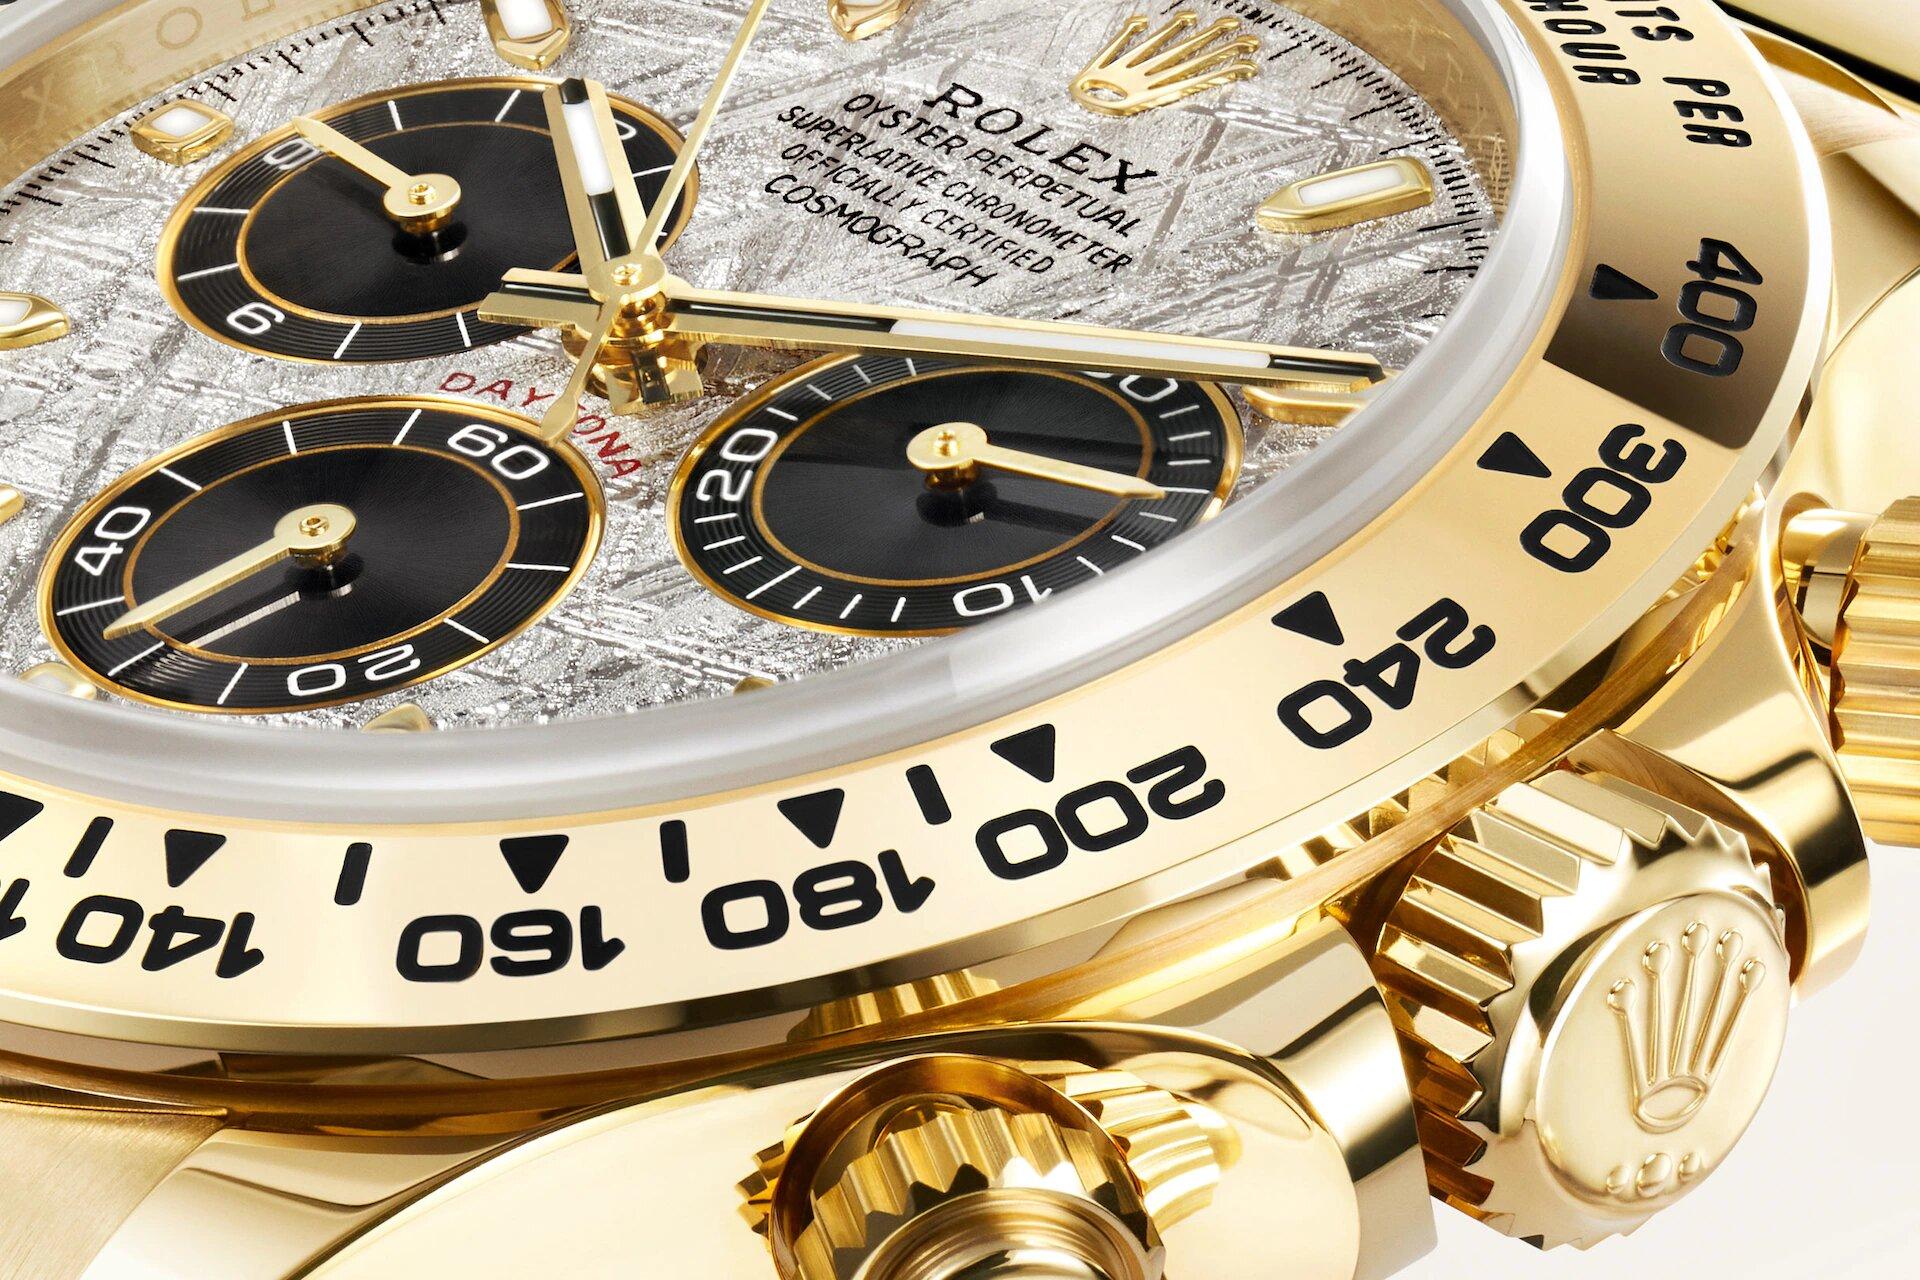 Rolex Cosmograph Daytona 116508 Detalle esfera y bisel